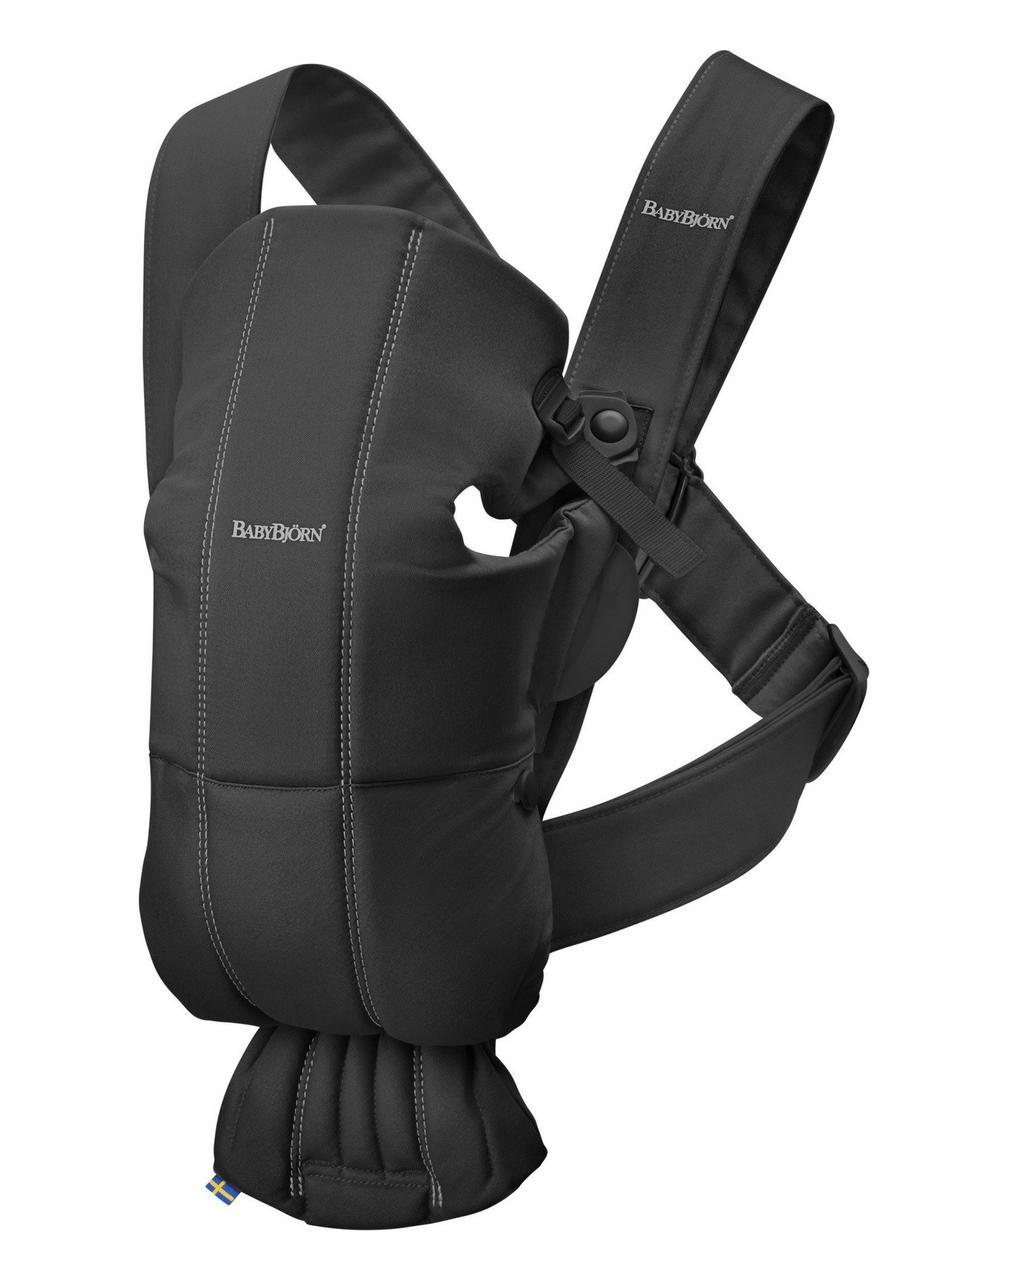 BabyBjorn - рюкзак-кенгуру для младенцев MINI Cotton, черный